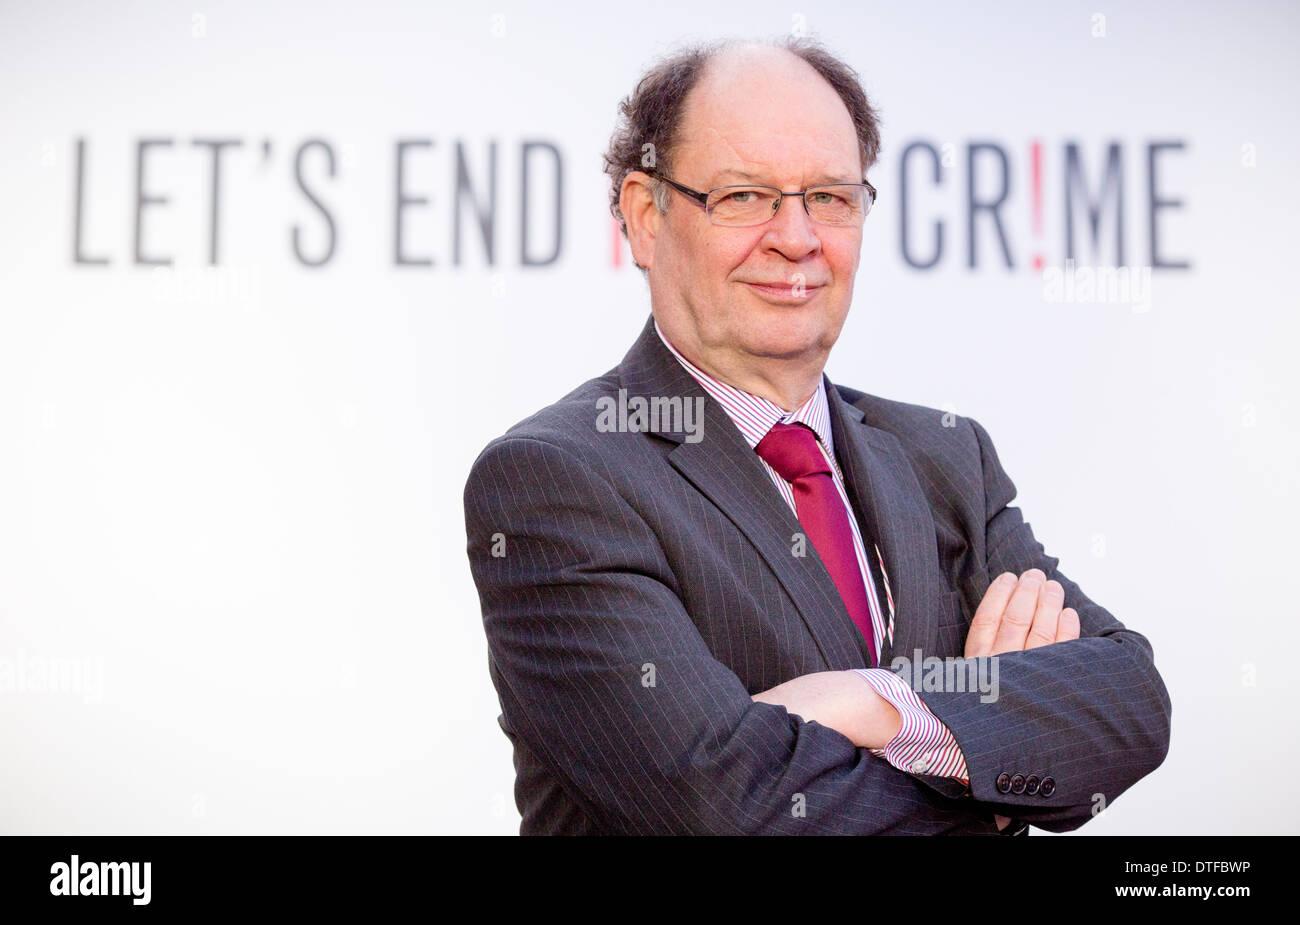 La haine de Manchester à Manchester Town Hall stratégie Cllr Jim Battle Photo Stock